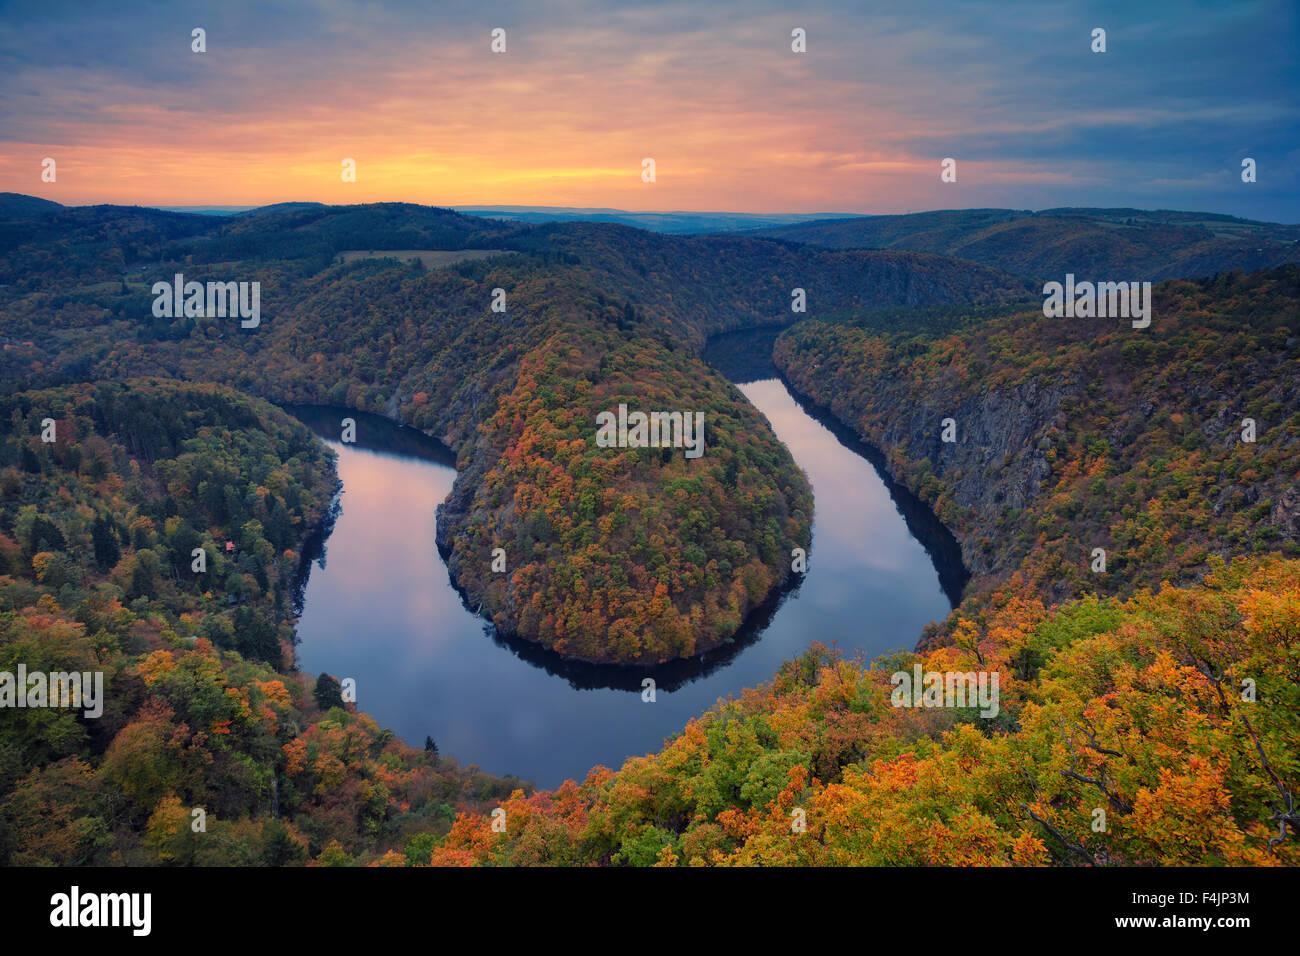 Automne rivière bend. Beau méandre de la rivière Vltava en République tchèque au cours de l'automne au coucher du Banque D'Images